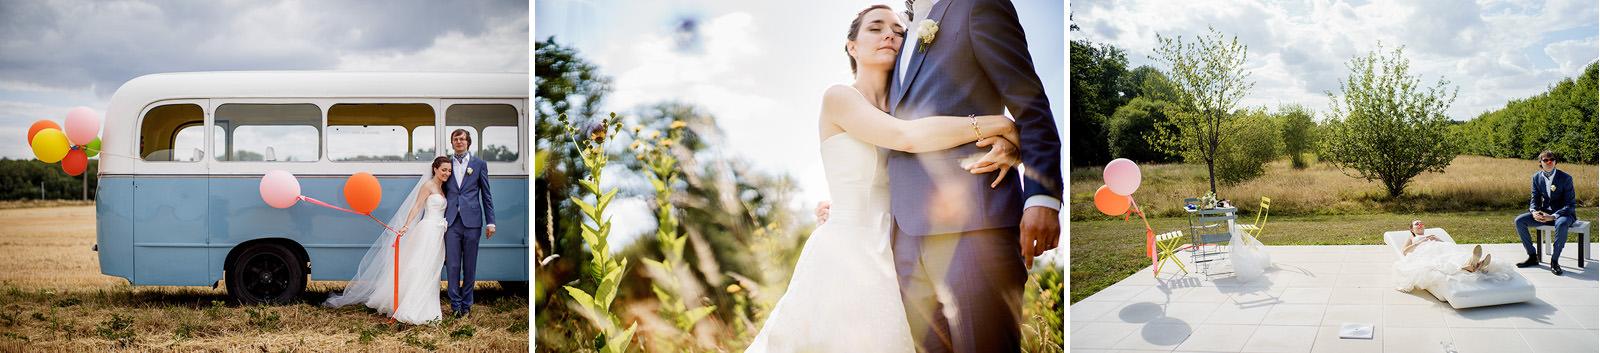 photographe de mariage,des photos de reportage naturelles, du mariage autrement